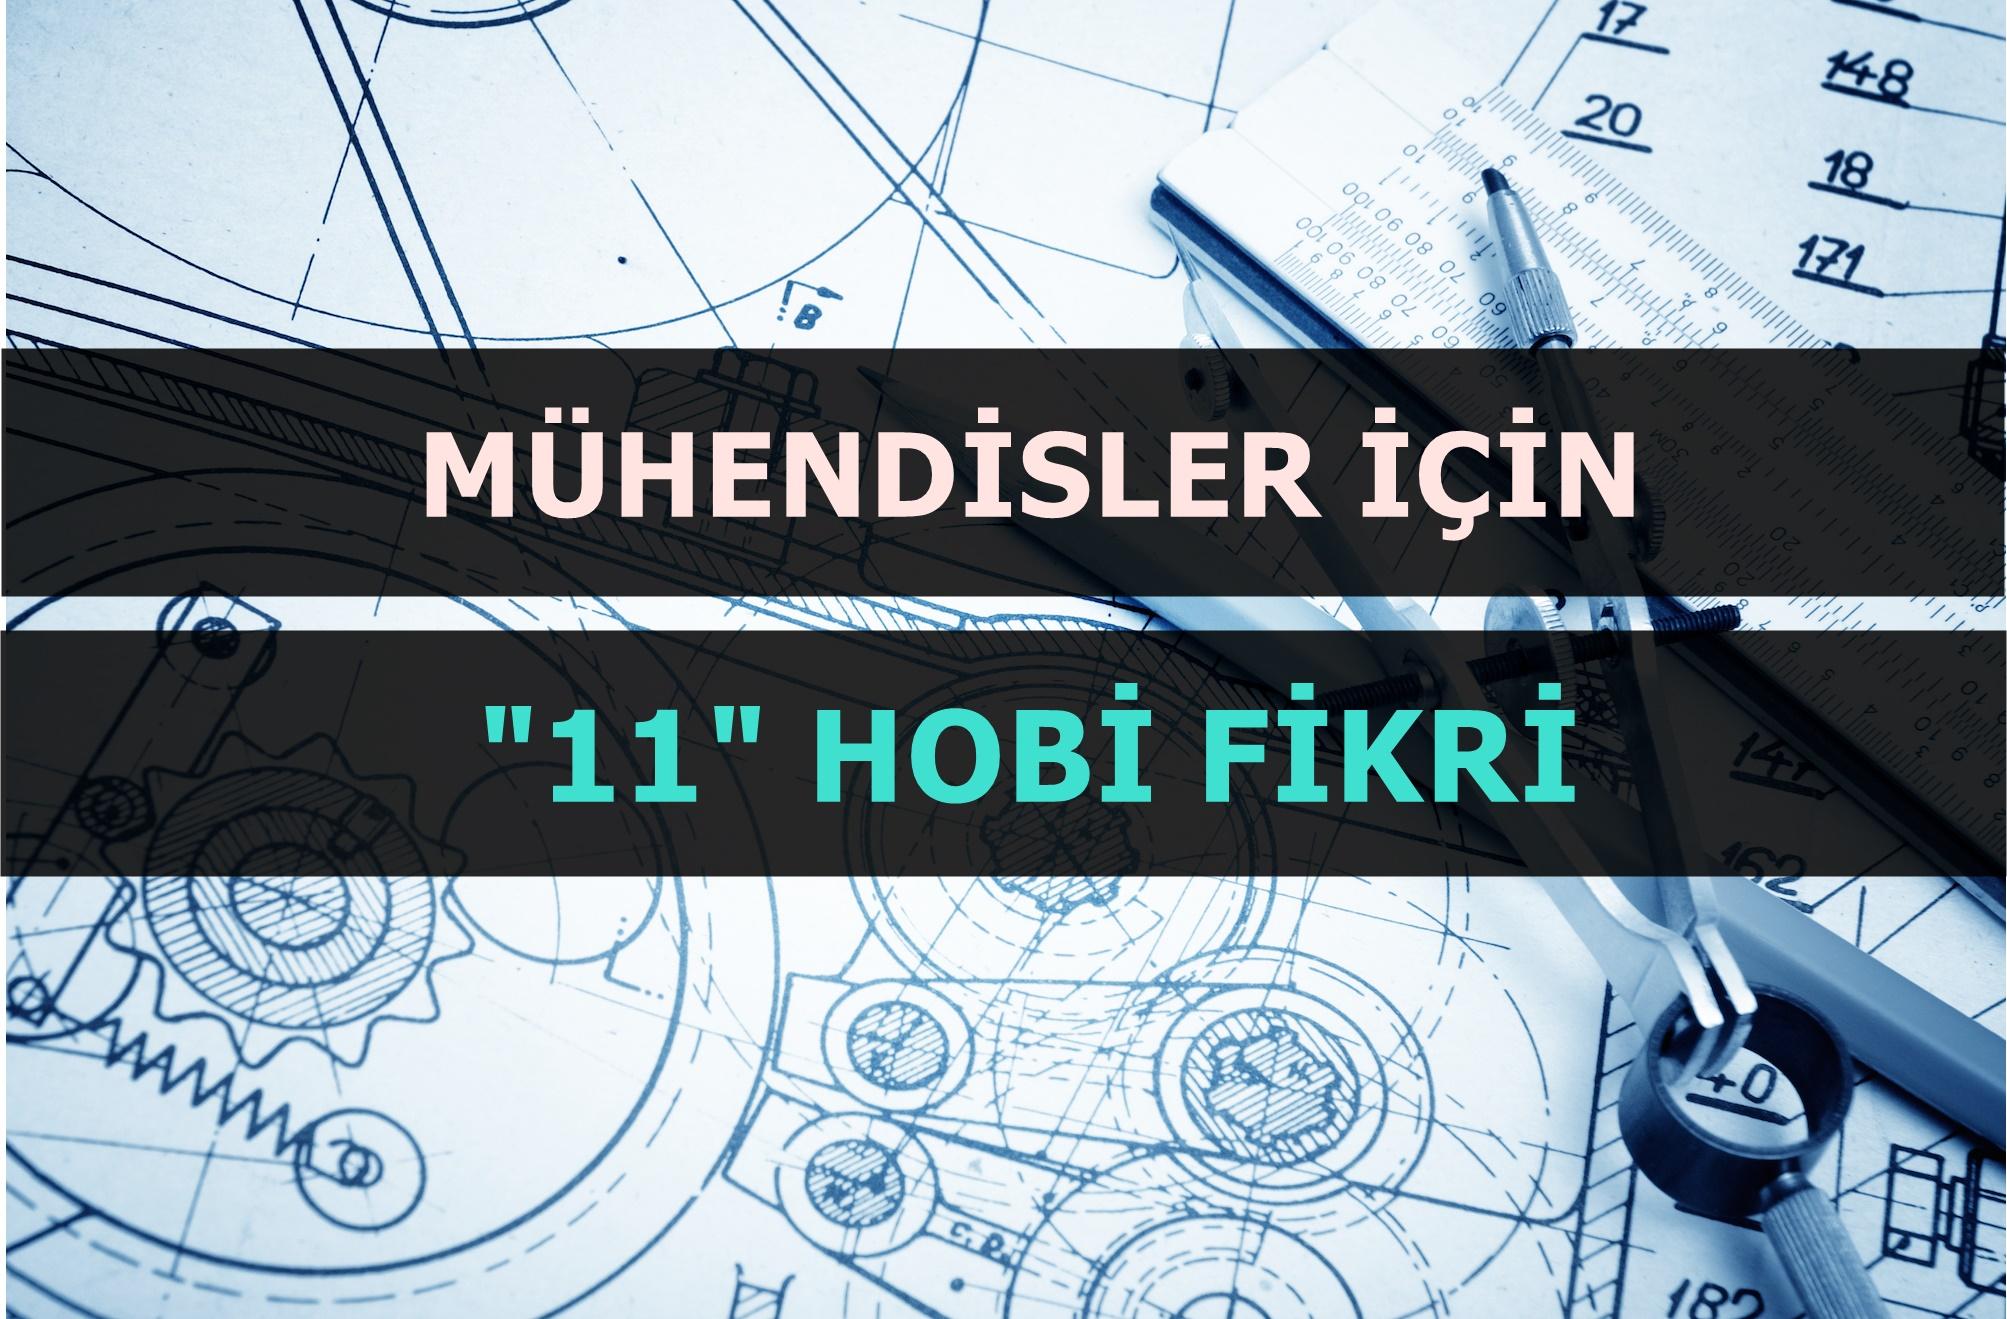 mühendisler için hobi